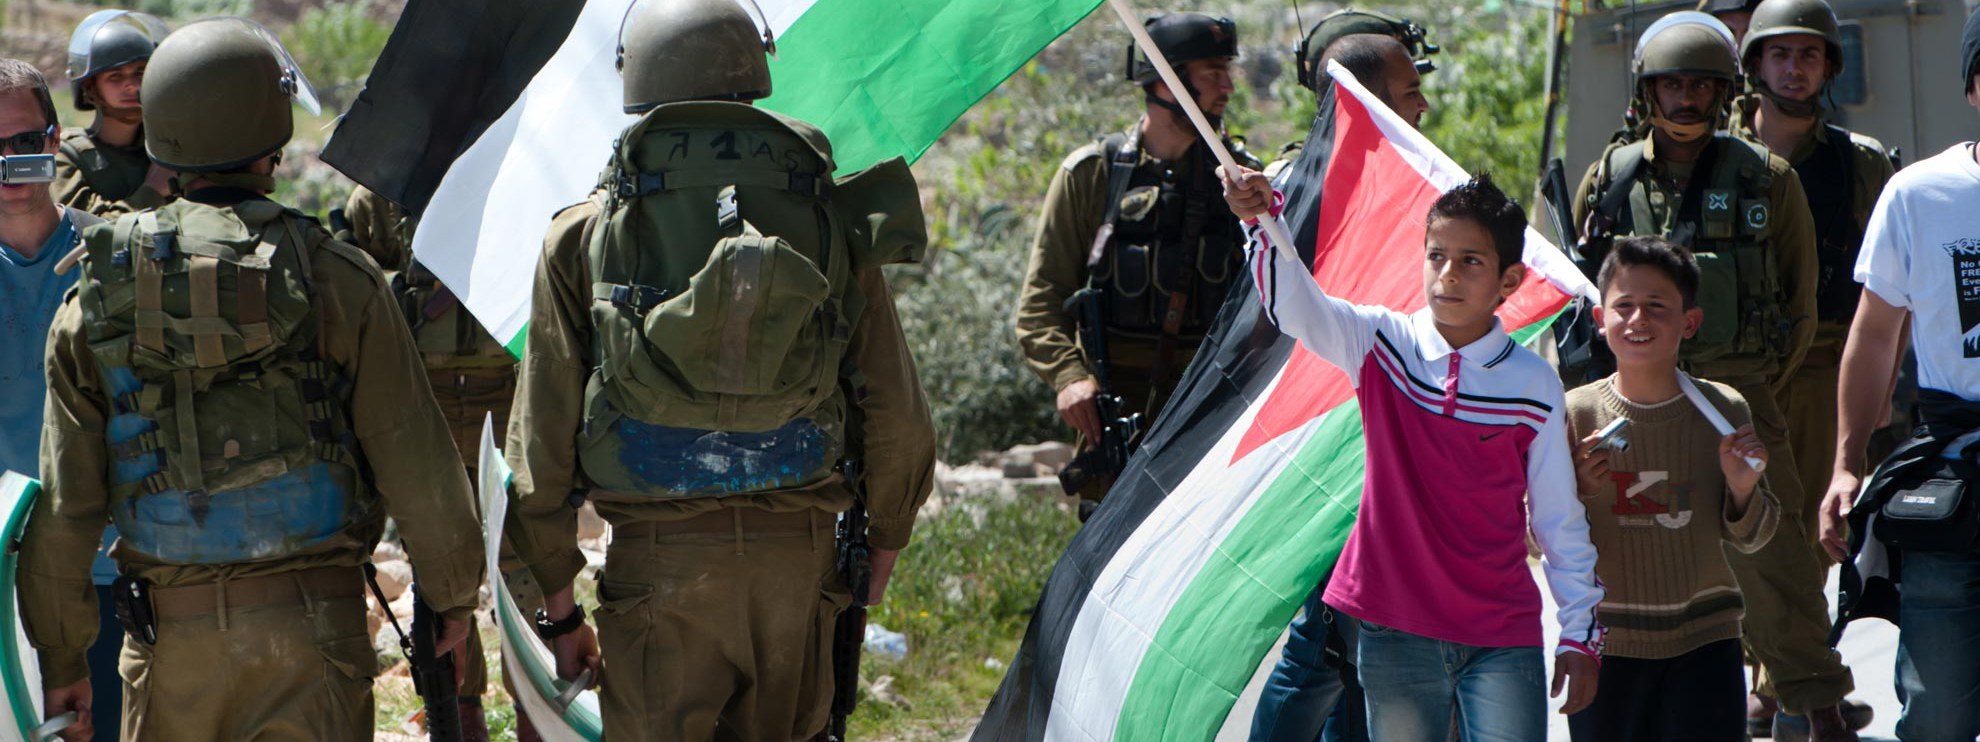 Ein palästinensischer Junge schwingt die palästinensische Fahne vor dem Gesicht eines israelischen Soldaten anlässlich eines Protestmarschs gegen die Trennmauer in Al-Masara. © Ryan Rodrick Beiler / Shutterstock.com